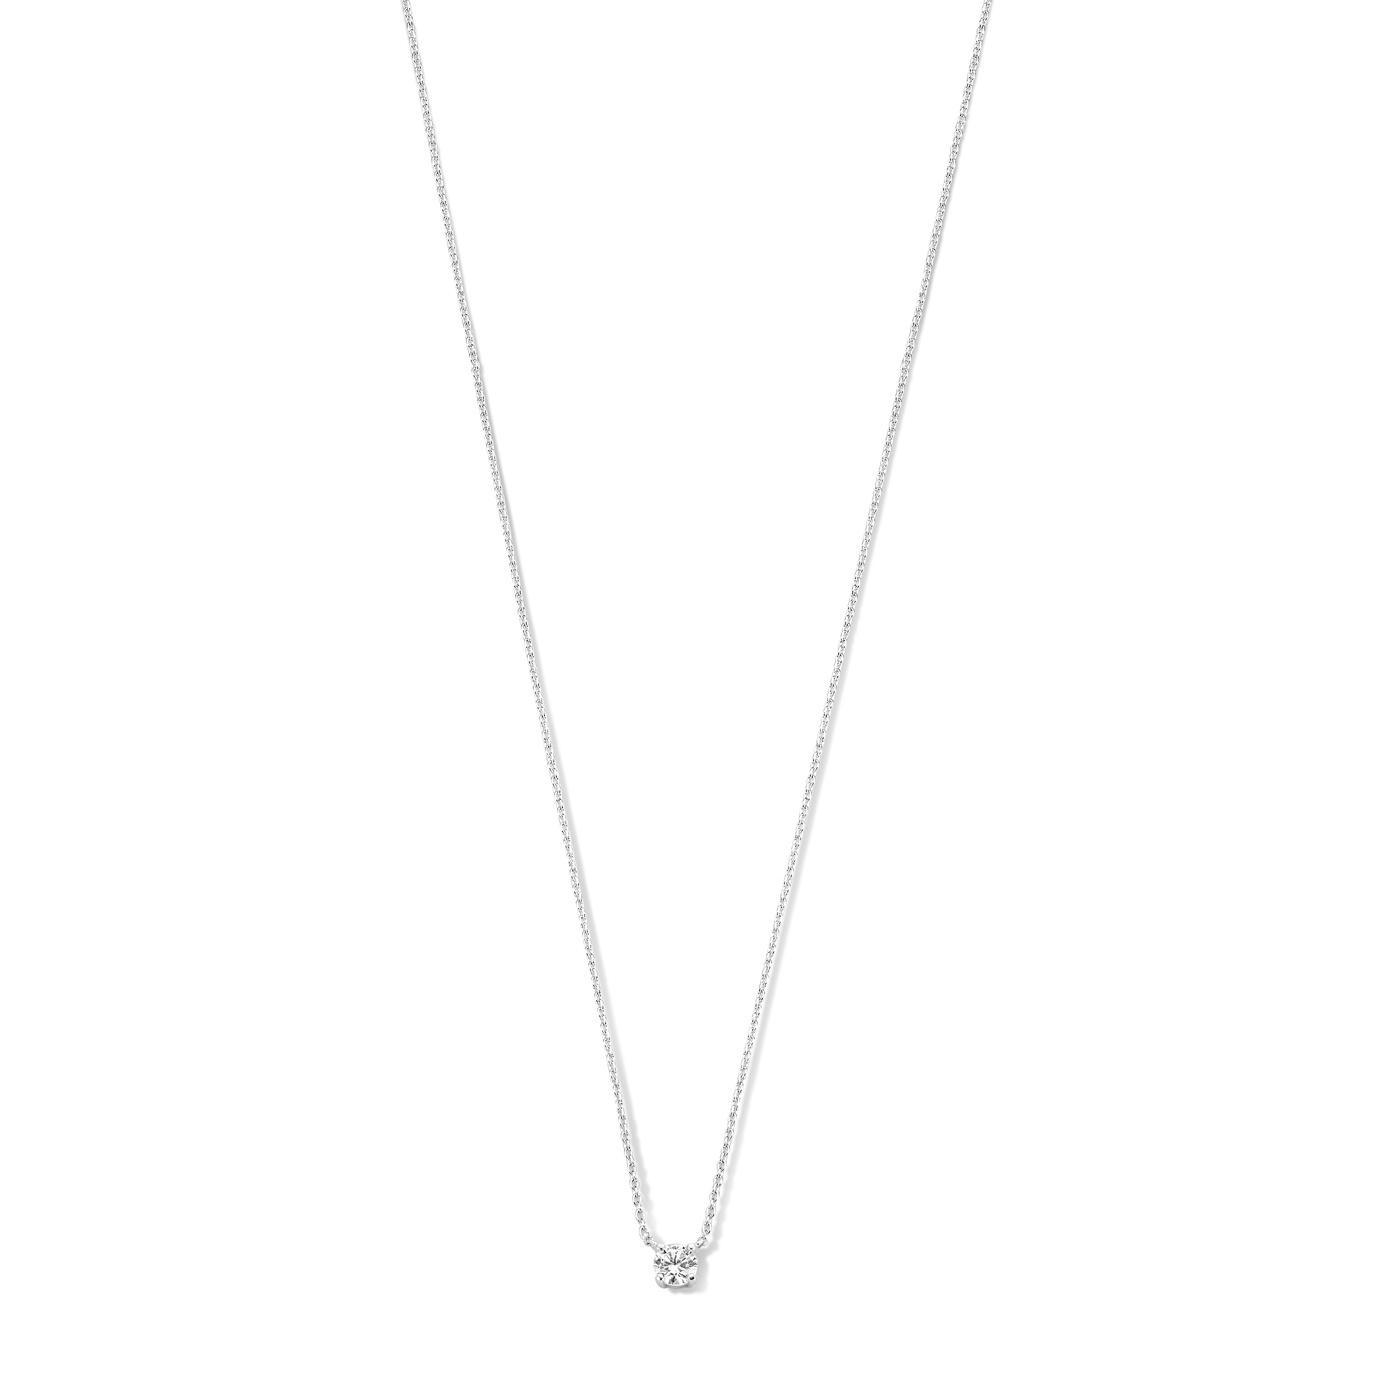 Isabel Bernard Saint Germain Hélione 14 karaat witgouden collier met zirkonia